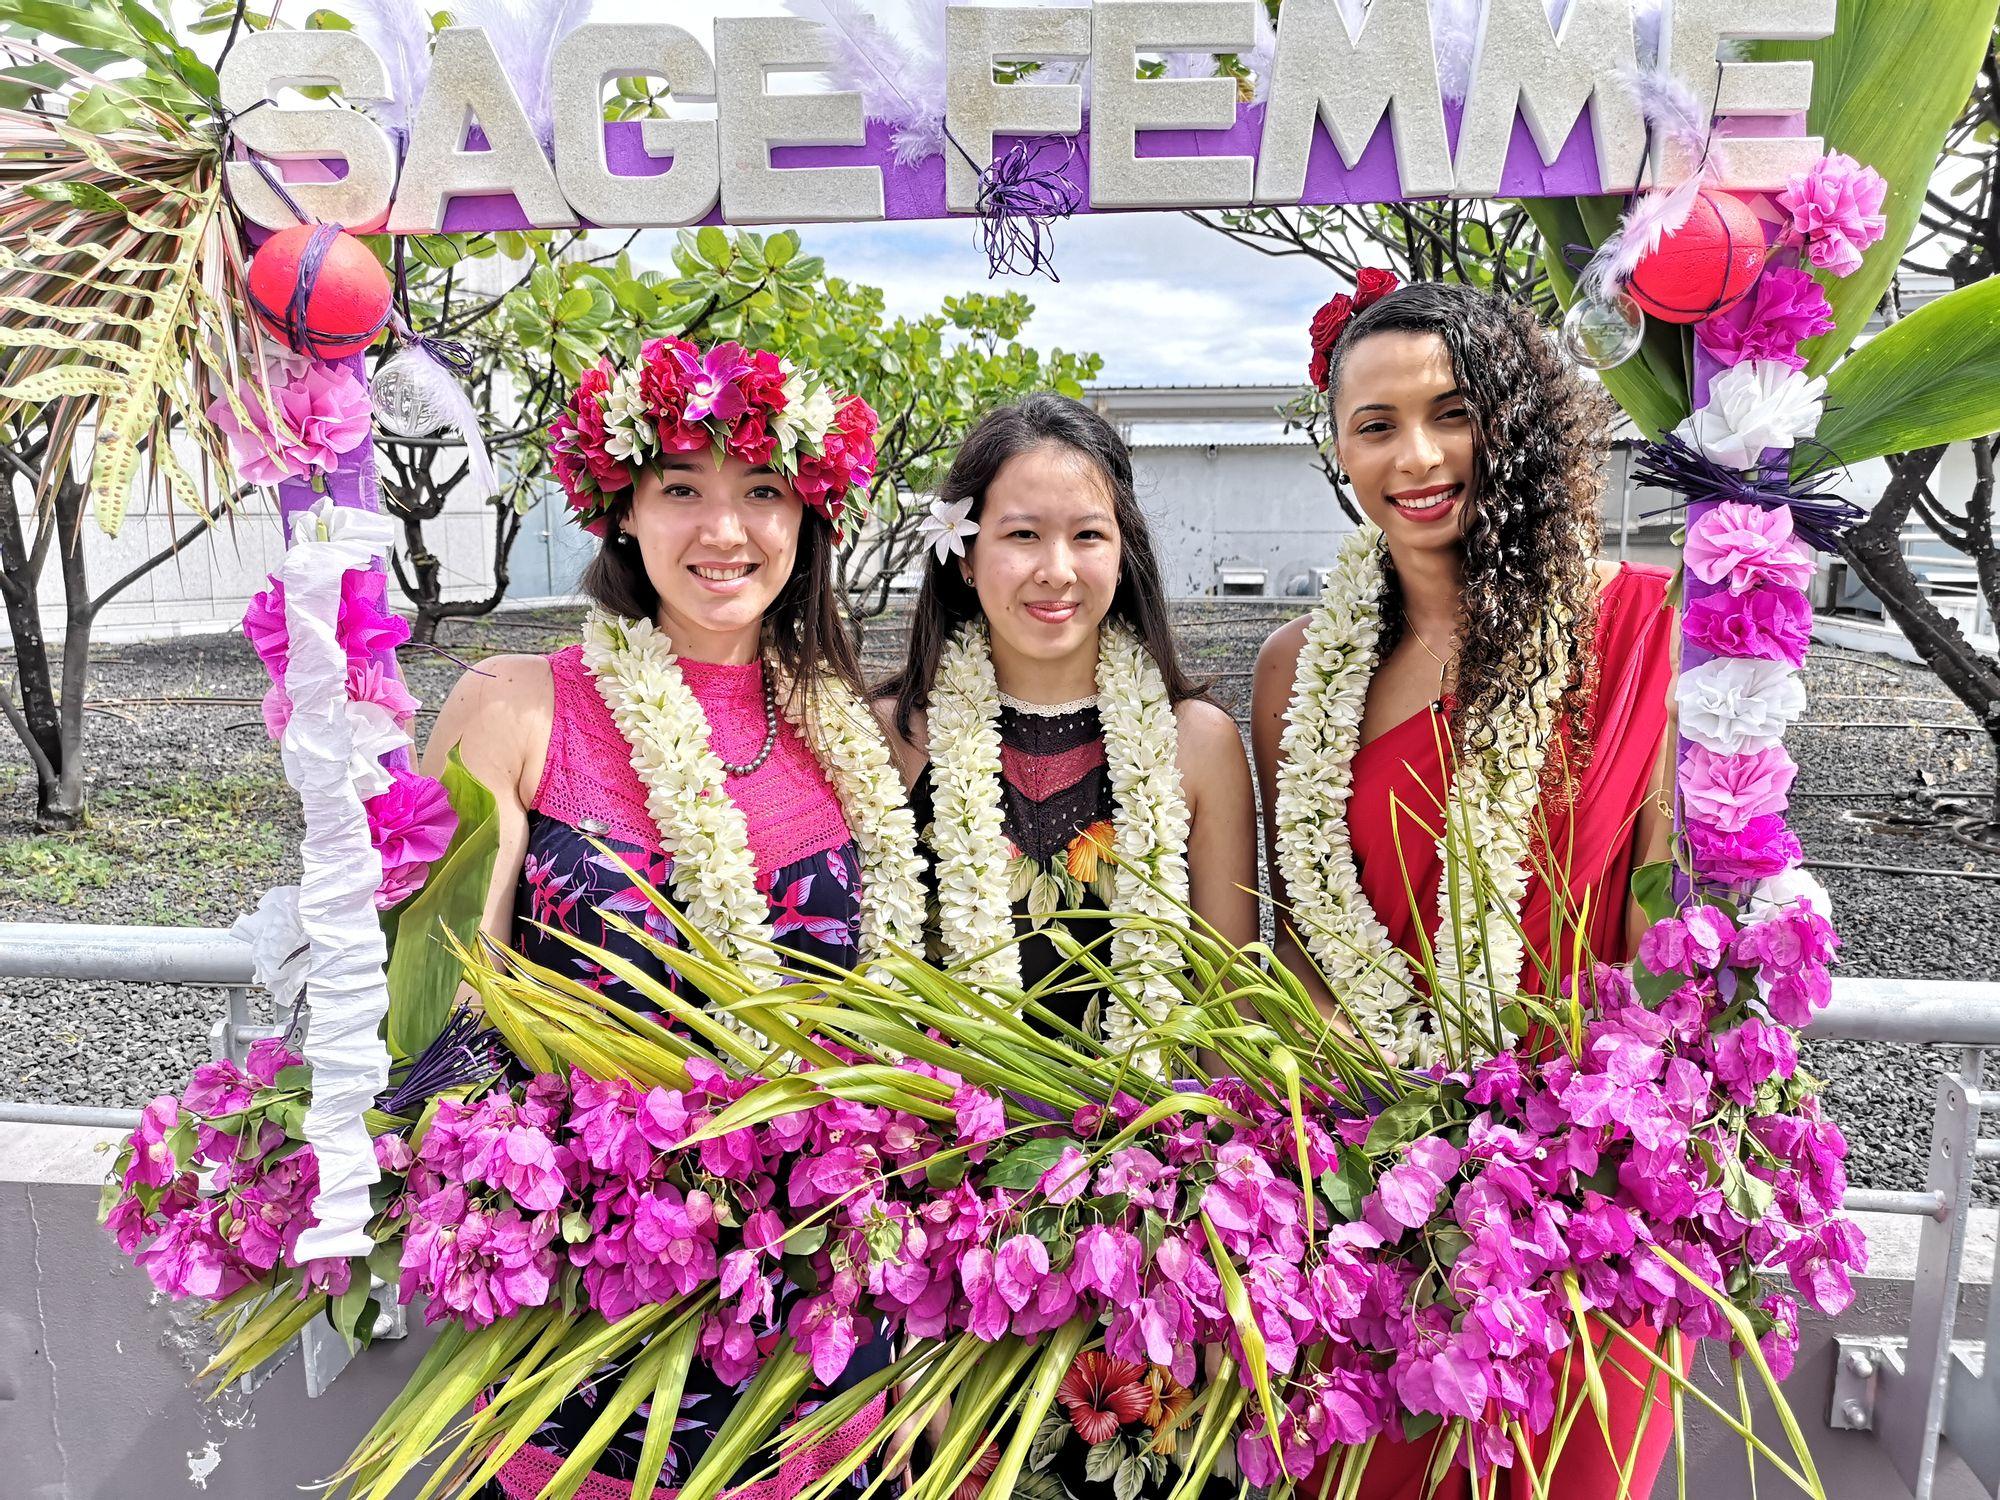 Les 3 lauréates sages-femmes de 2019